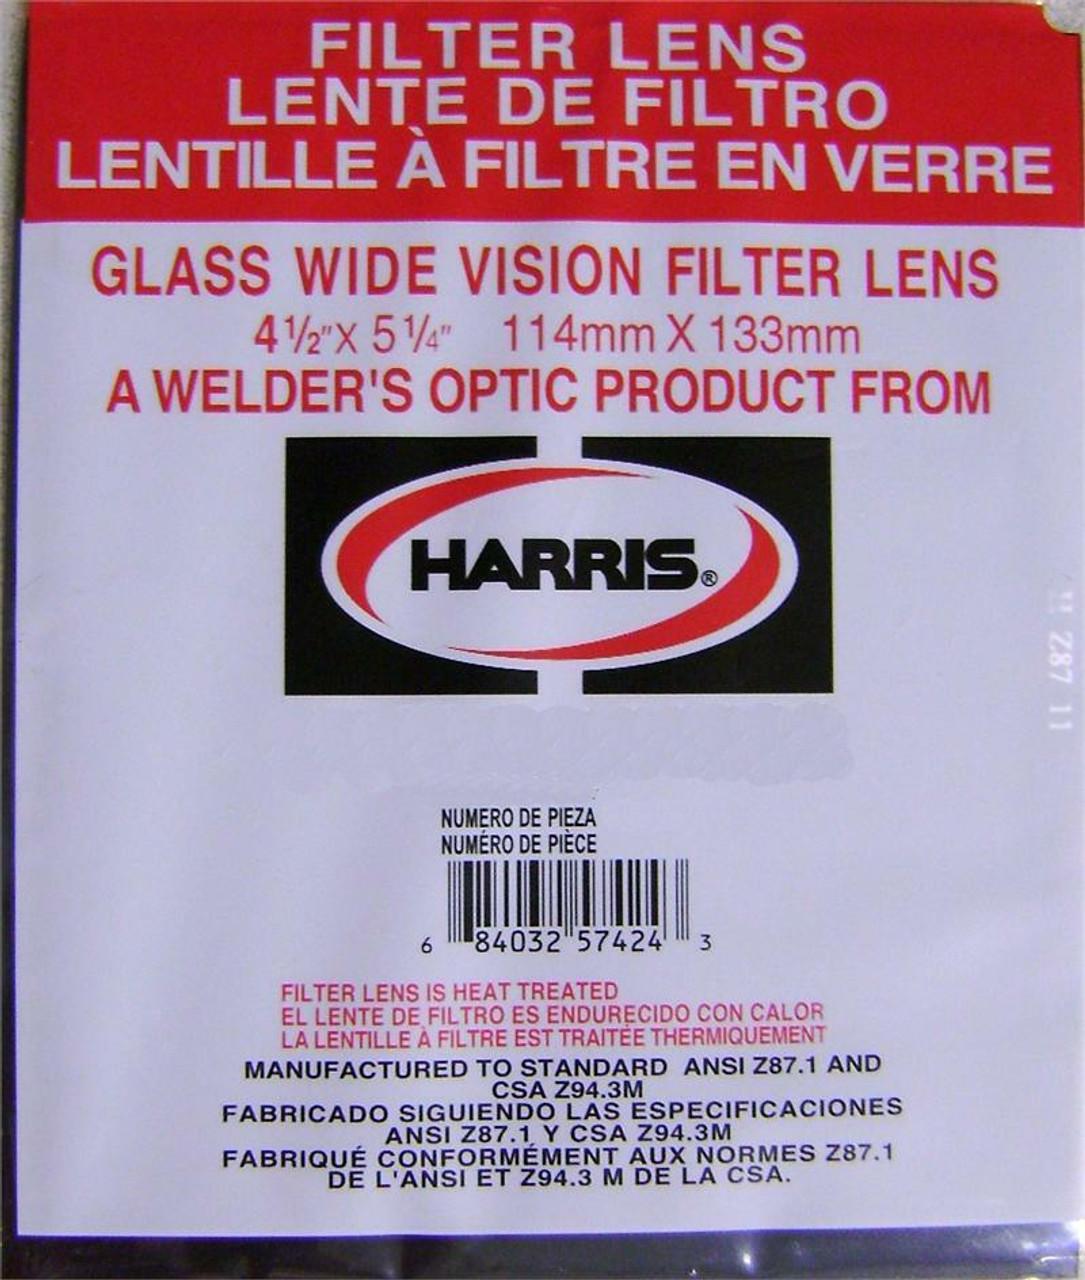 Harris Shade 8 Welding Helmet Glass Filter Plate Lens 4.5 x 5.25